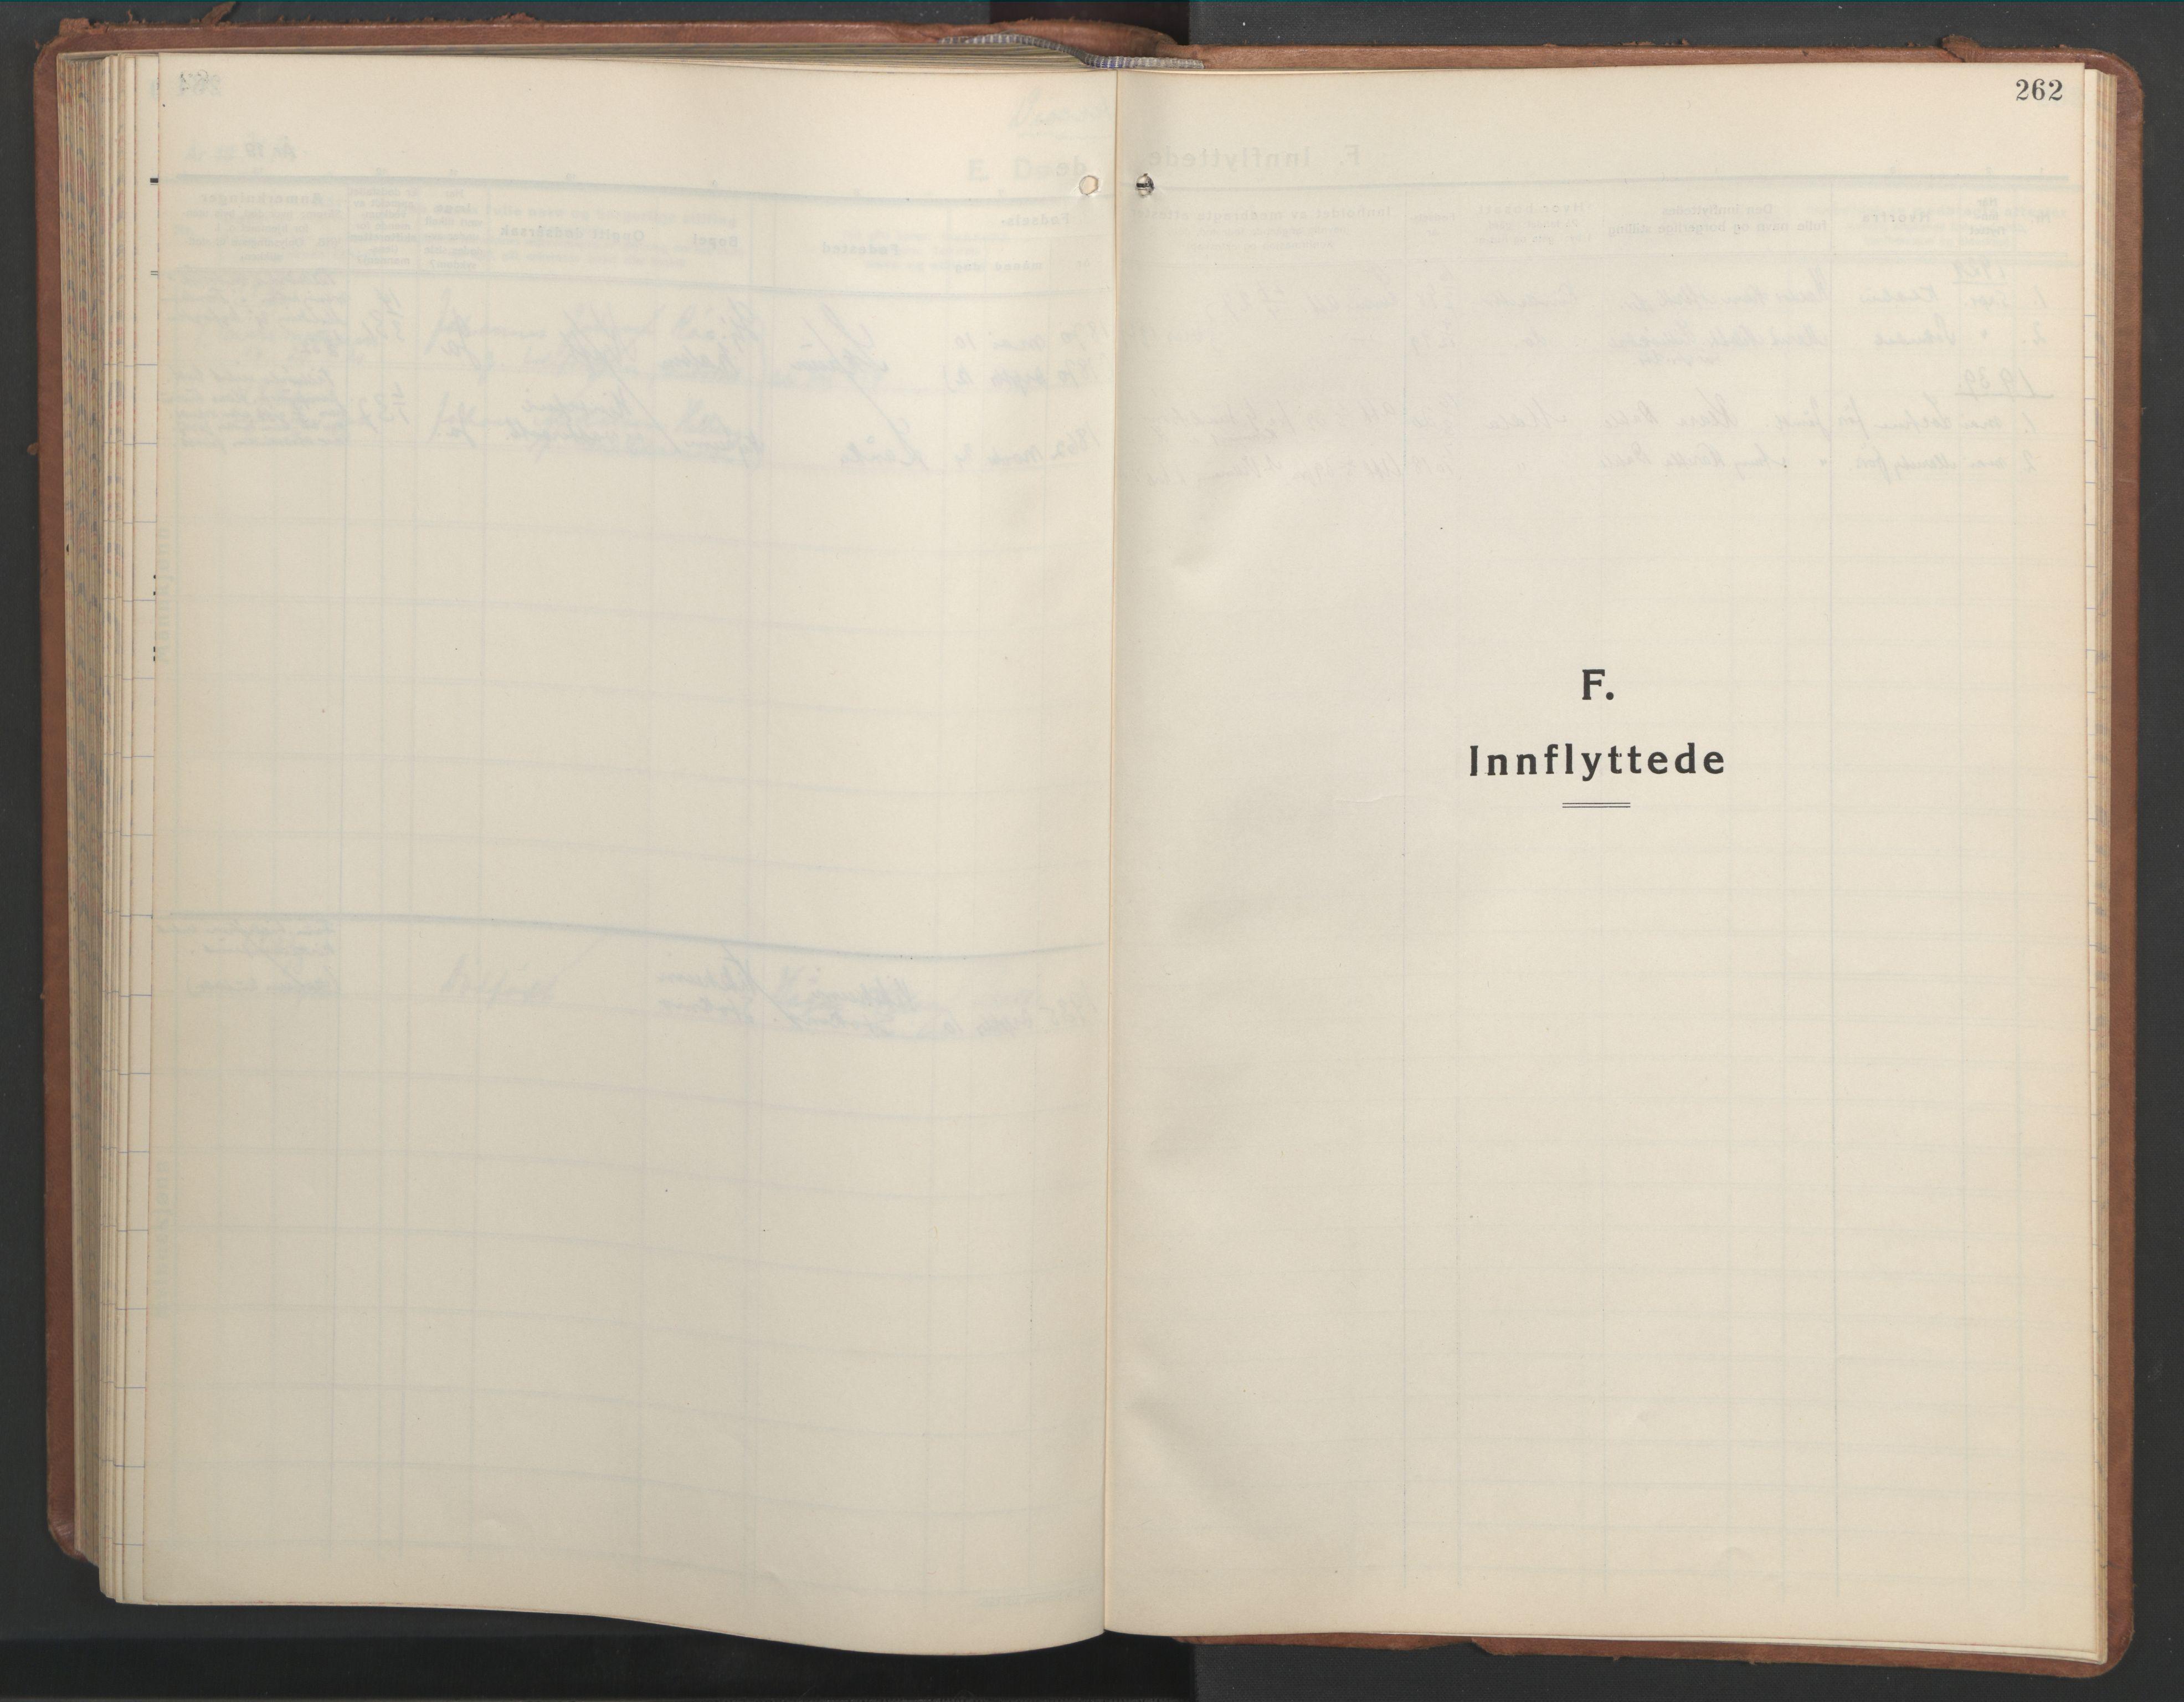 SAT, Ministerialprotokoller, klokkerbøker og fødselsregistre - Nord-Trøndelag, 709/L0089: Klokkerbok nr. 709C03, 1935-1948, s. 262